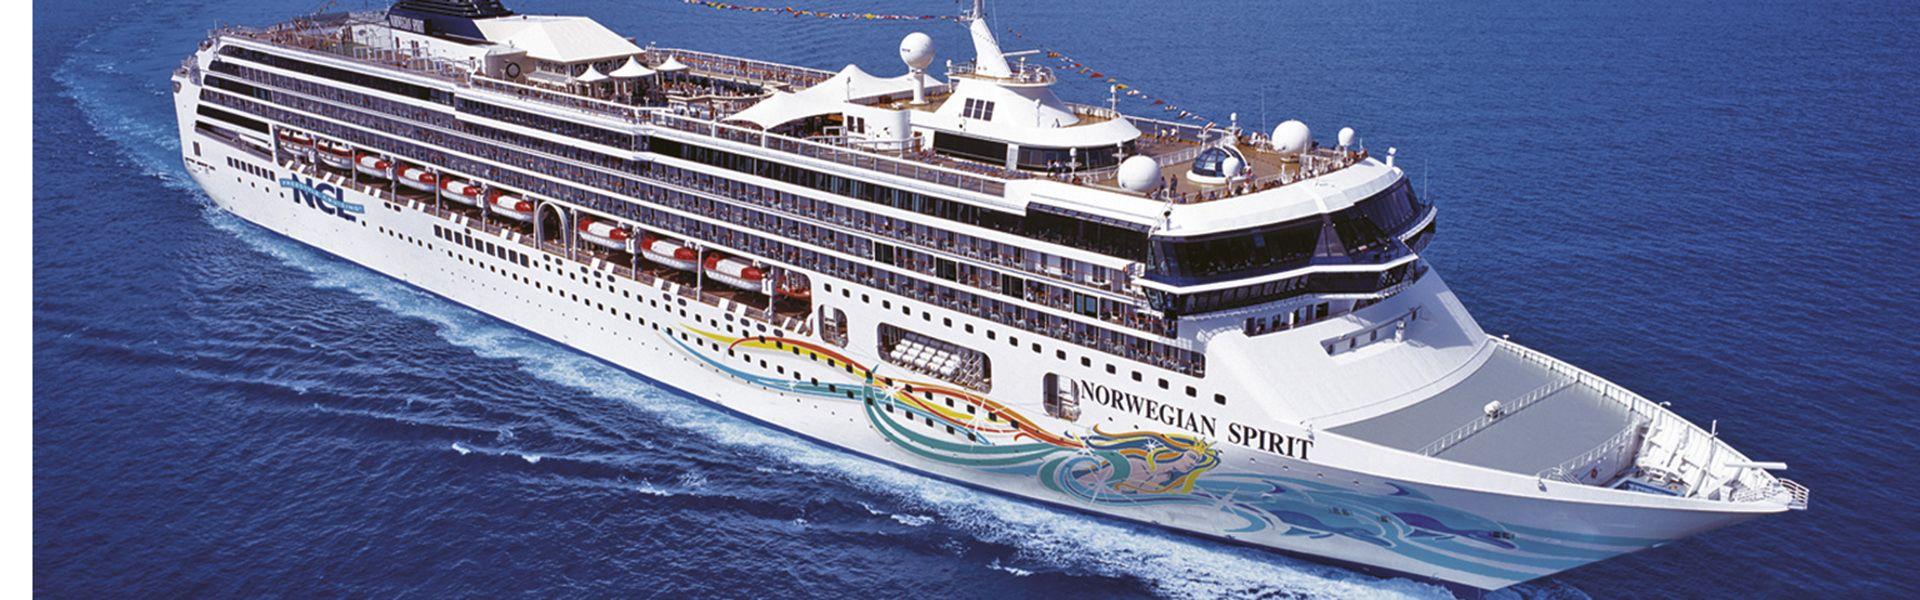 Croaziera 2016 - Mediterana de Est(Venetia) - Norwegian Cruise Line - Norwegian Spirit - 11 Nopti